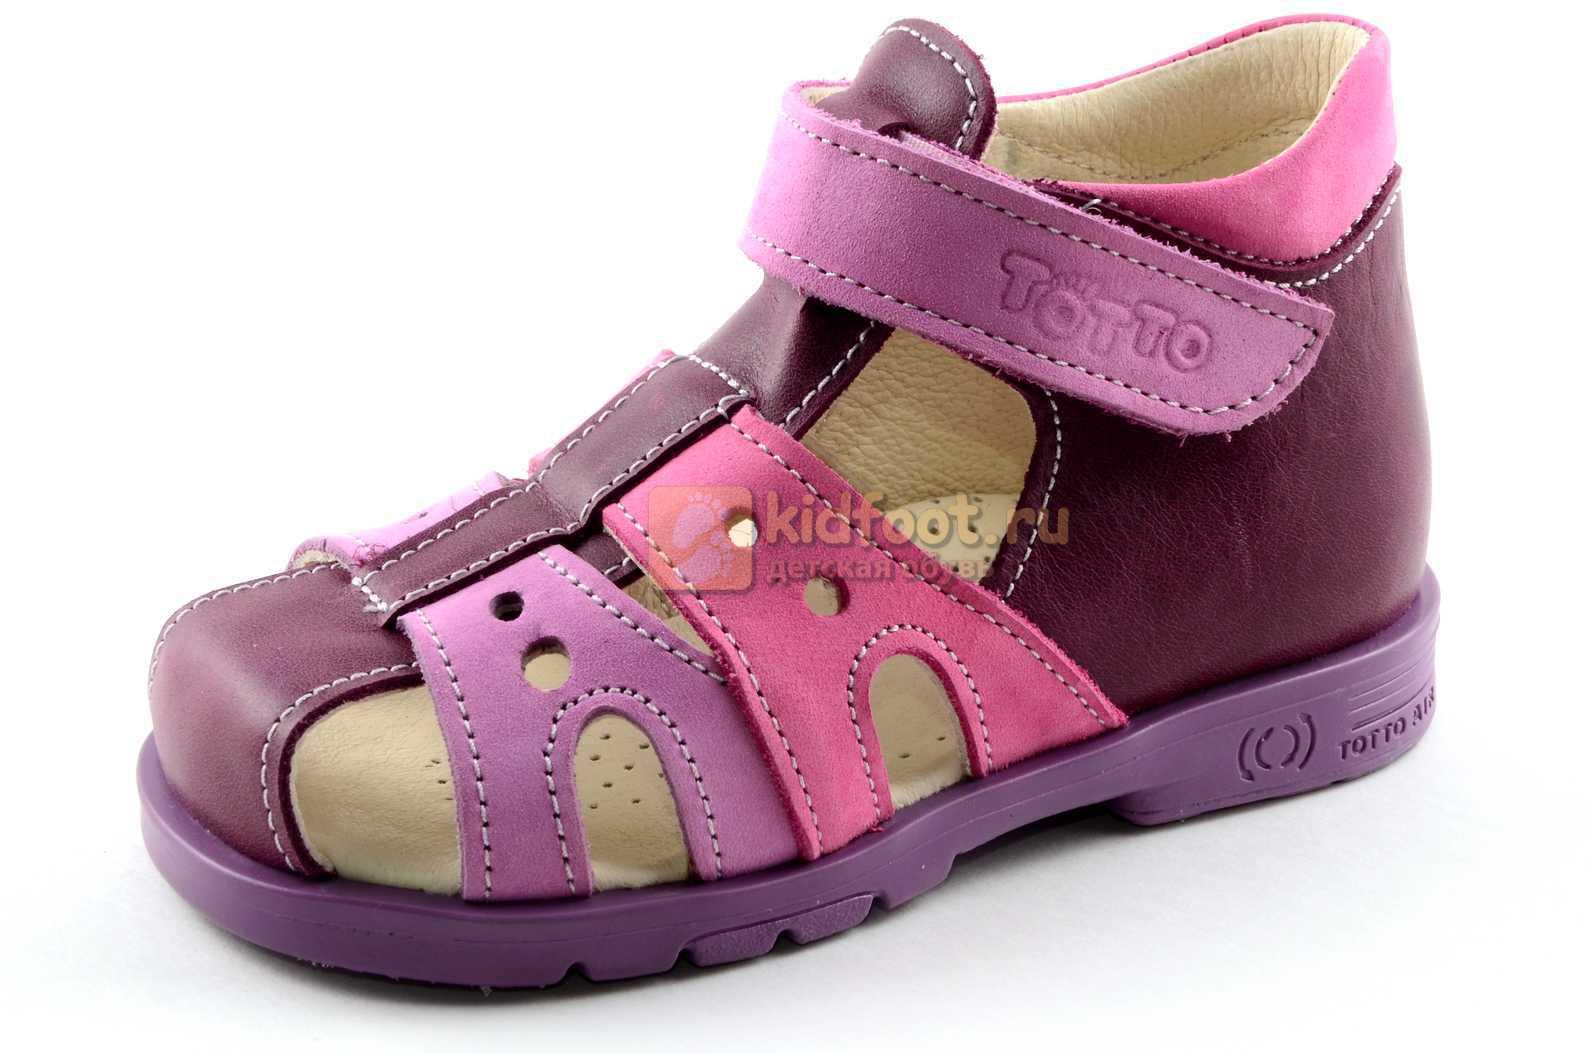 Босоножки Тотто из натуральной кожи с закрытым носом для девочек, цвет Сирень / Фиолетовый, M053B